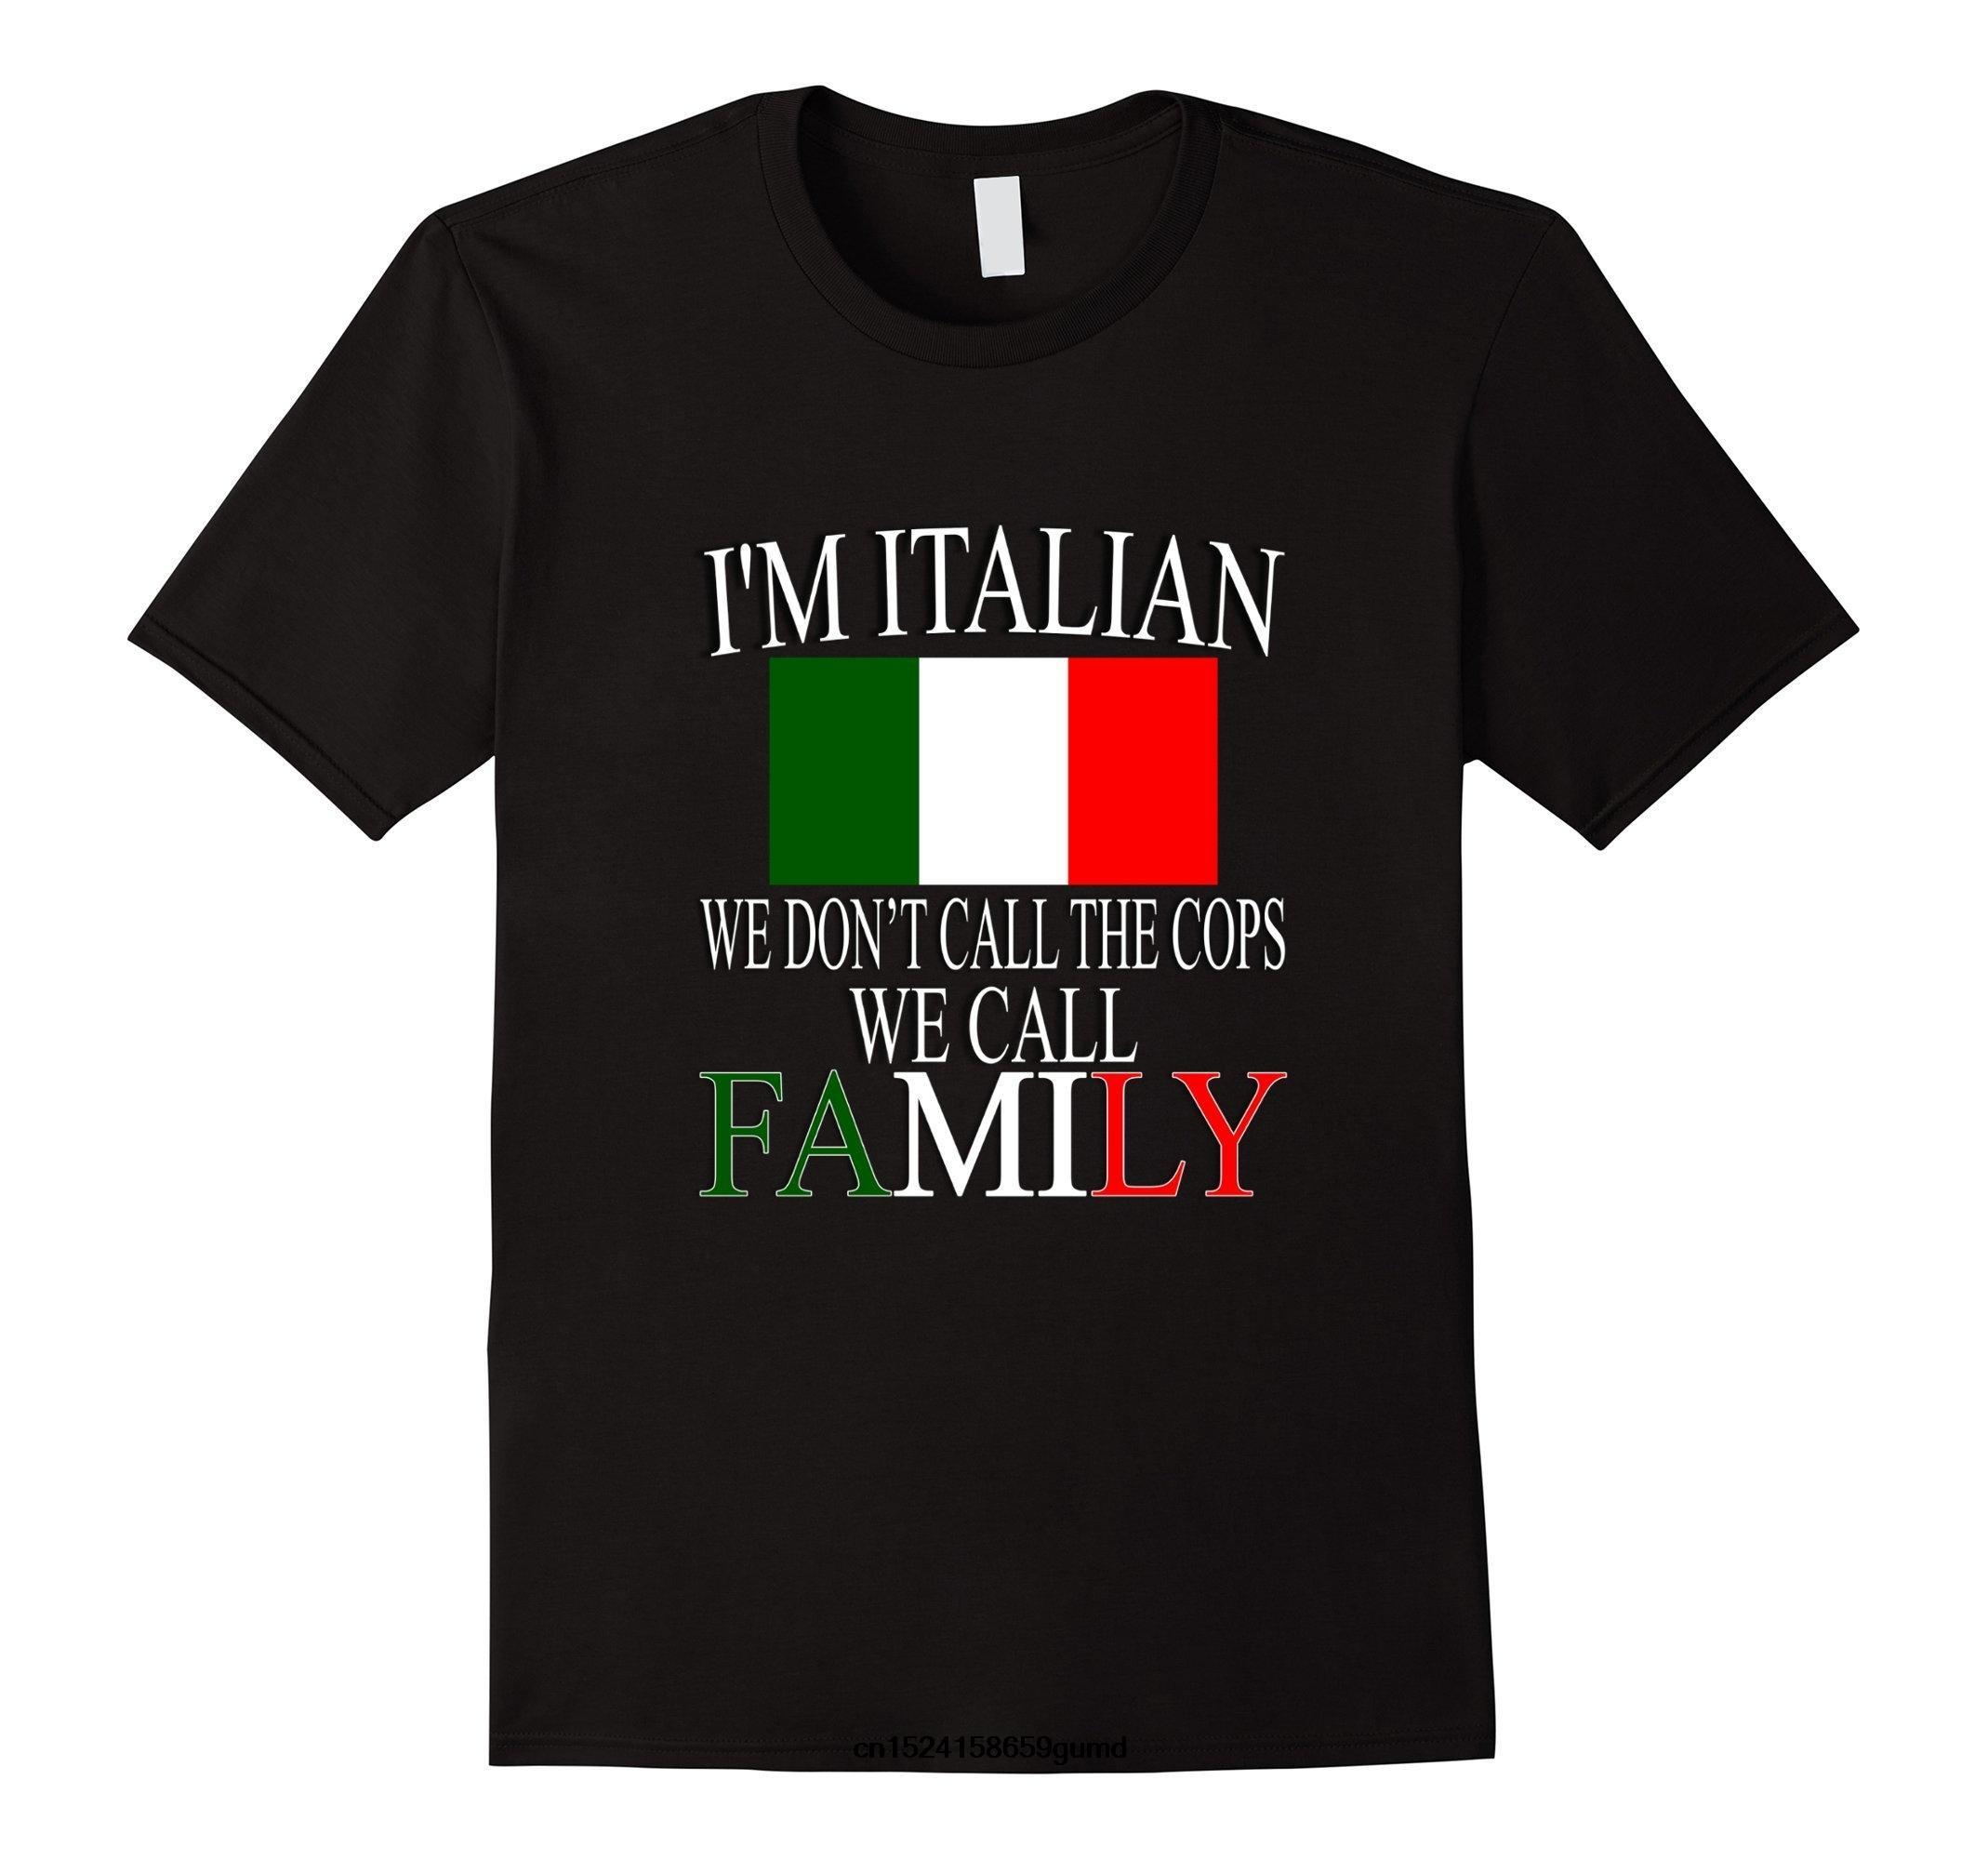 Ne İtalyan'ım tişört Komik Erkekler t gömlek Kadınlar yenilik polise haber vermeyin Biz Çağrı Aile Tişörtlü Tişört